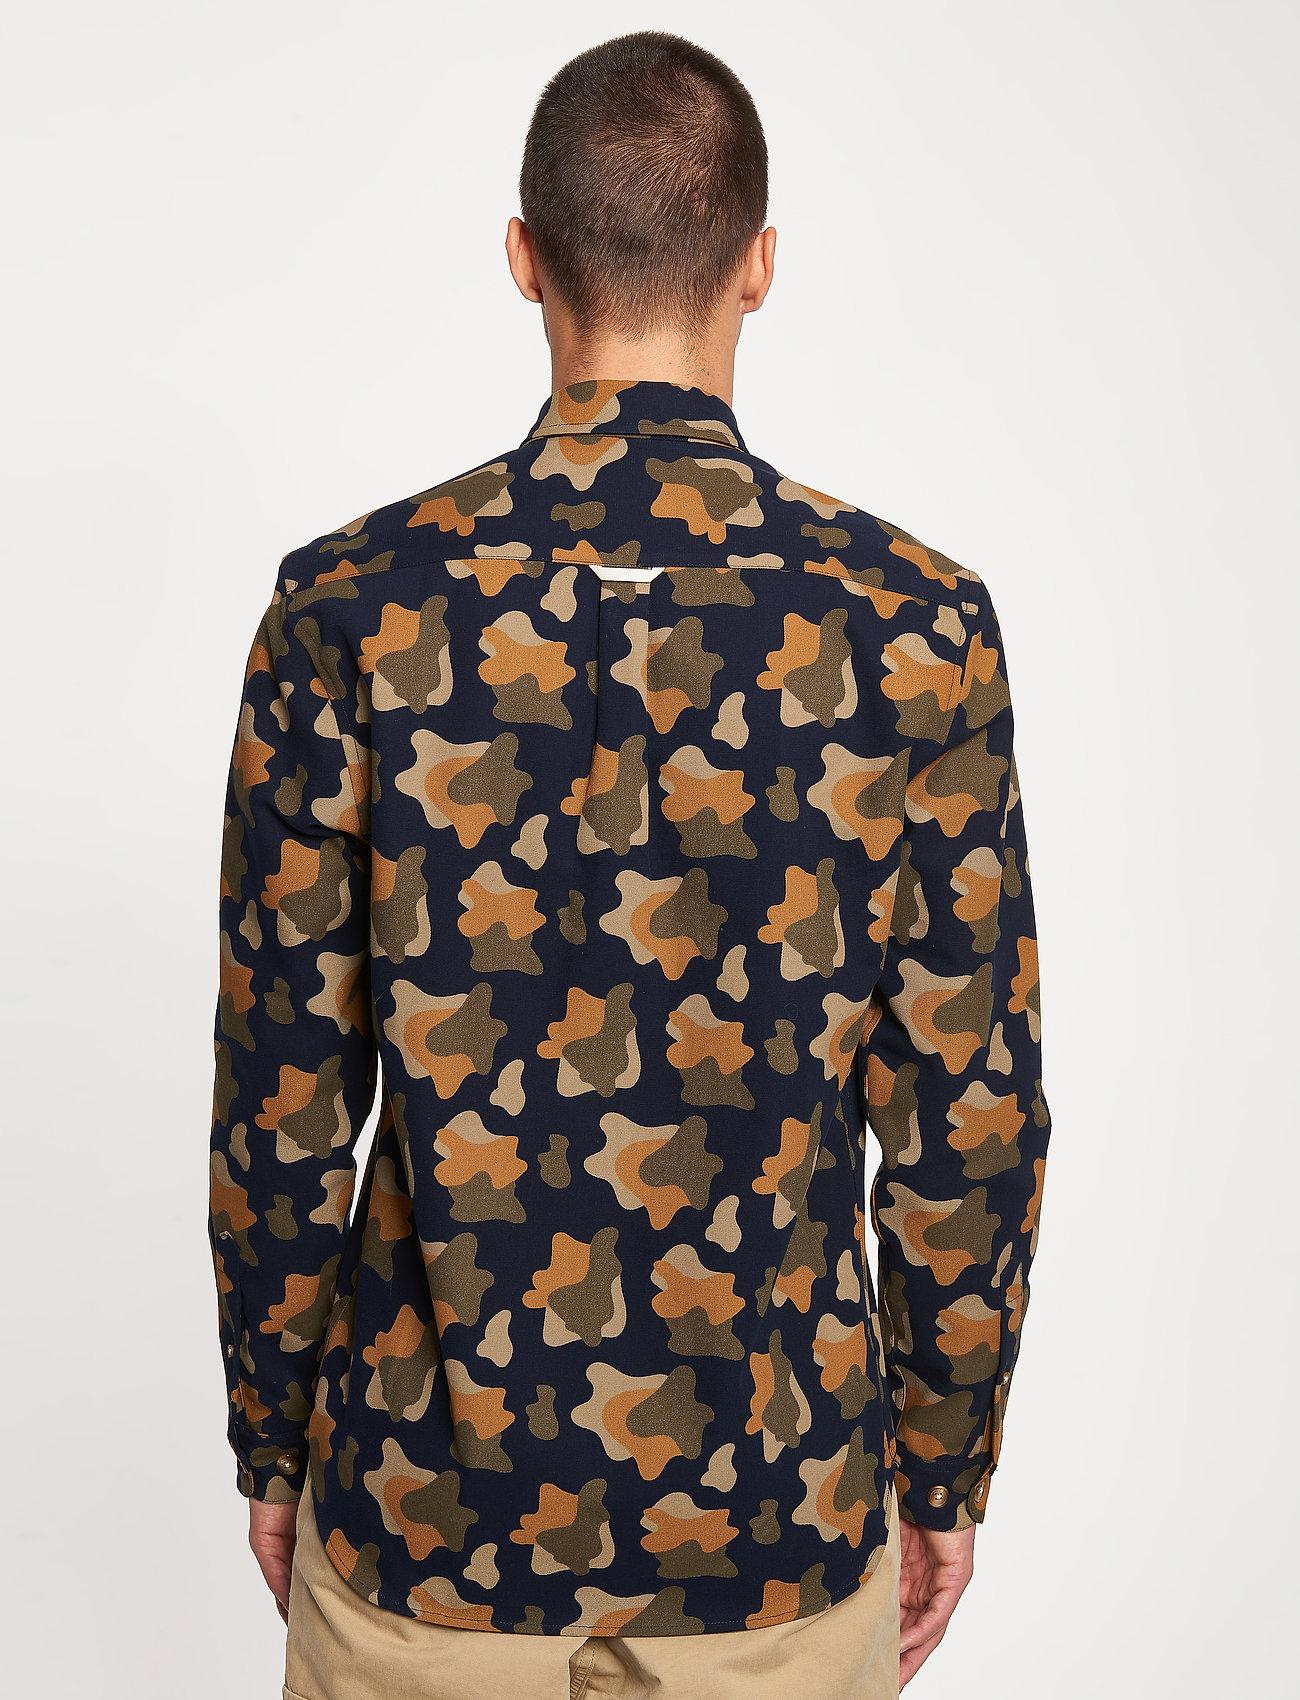 Forét - GONE SHIRT CAMO - chemises de lin - slate - 3